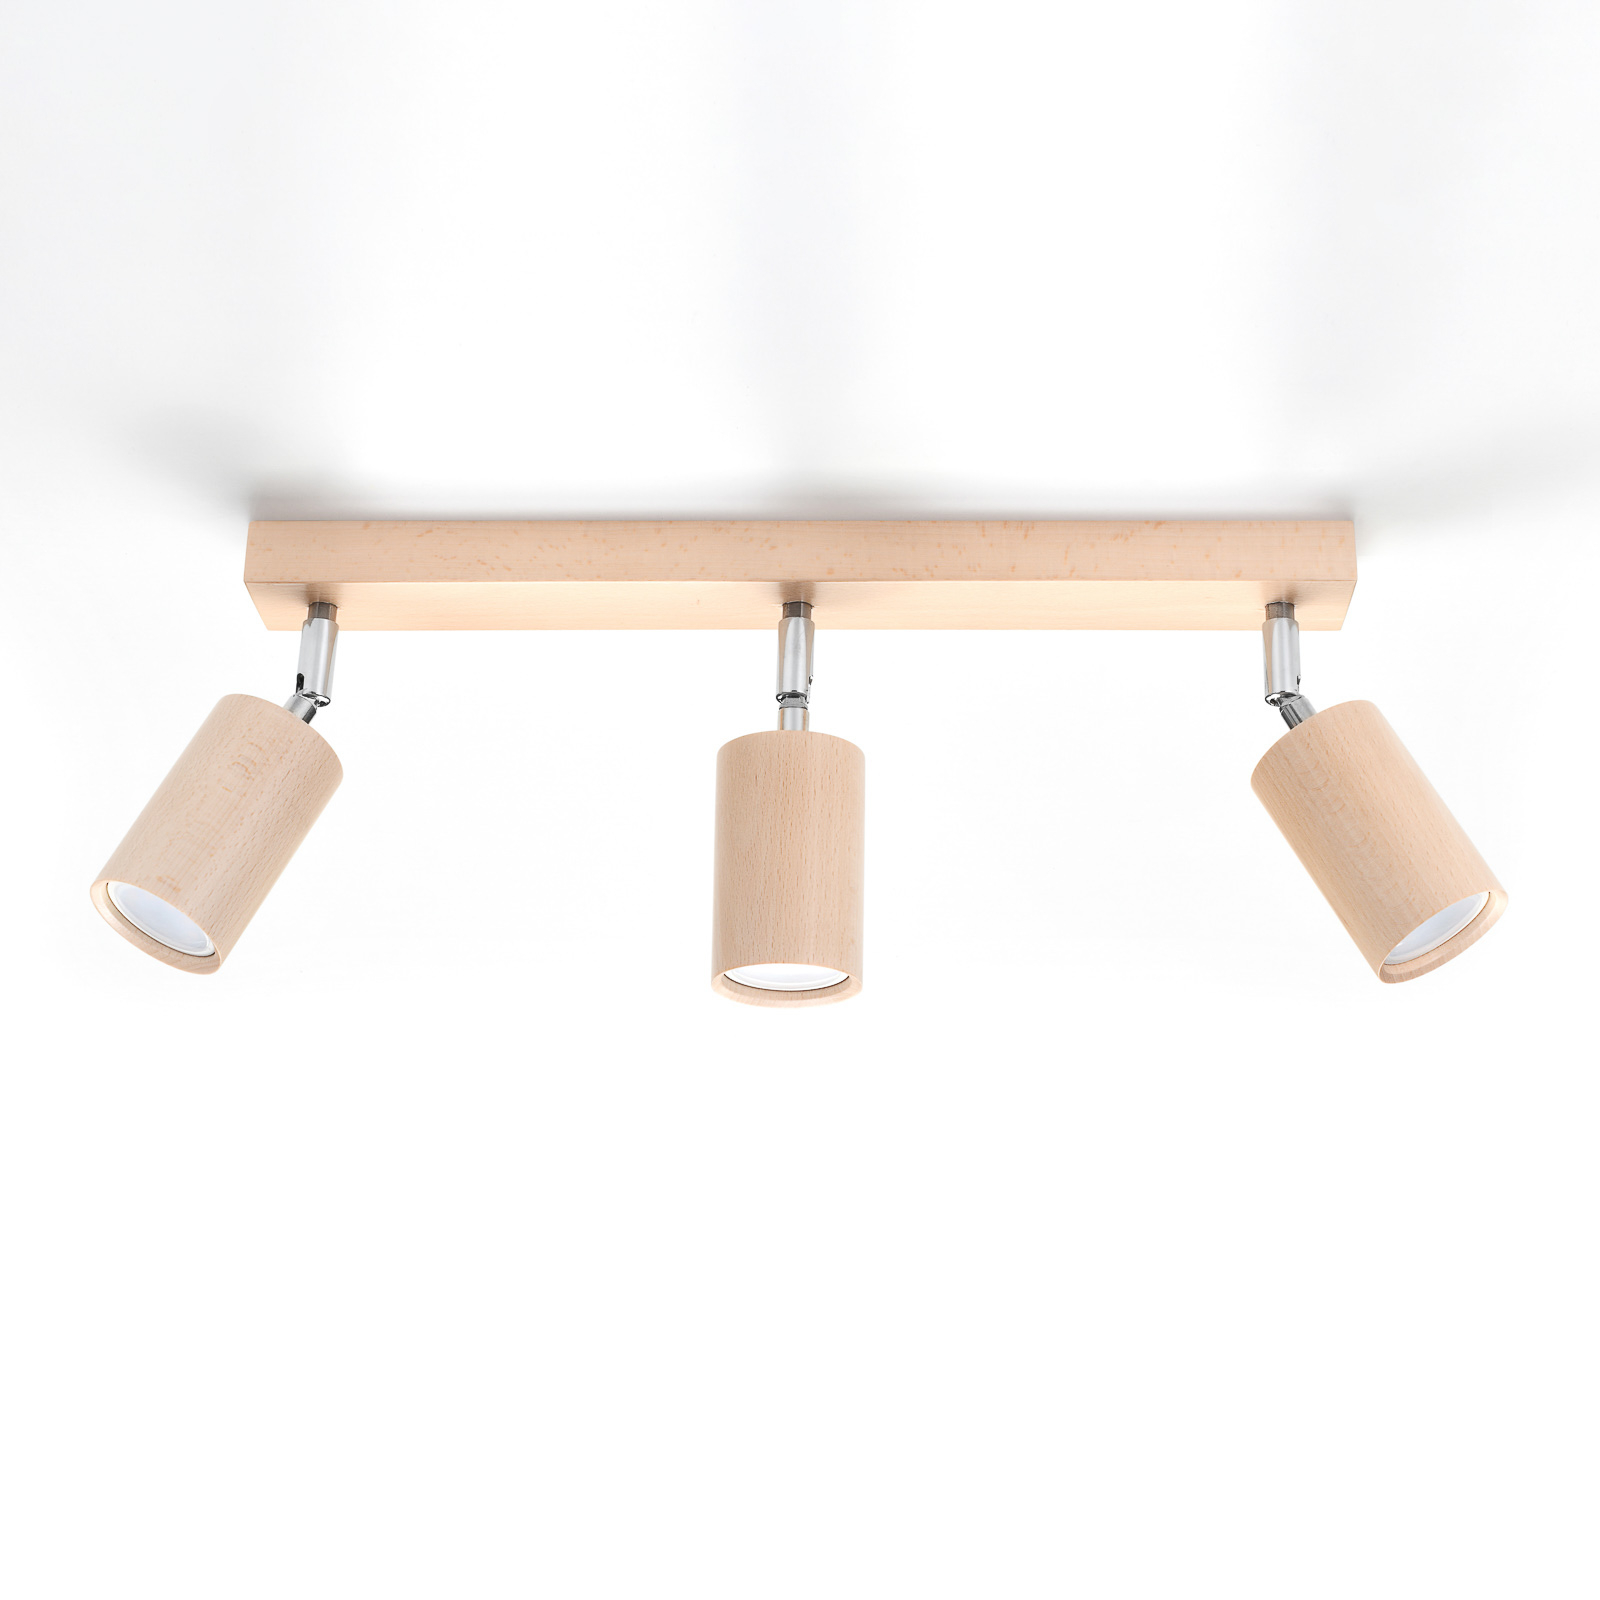 Cre loftspot af træ, 3 lyskilder